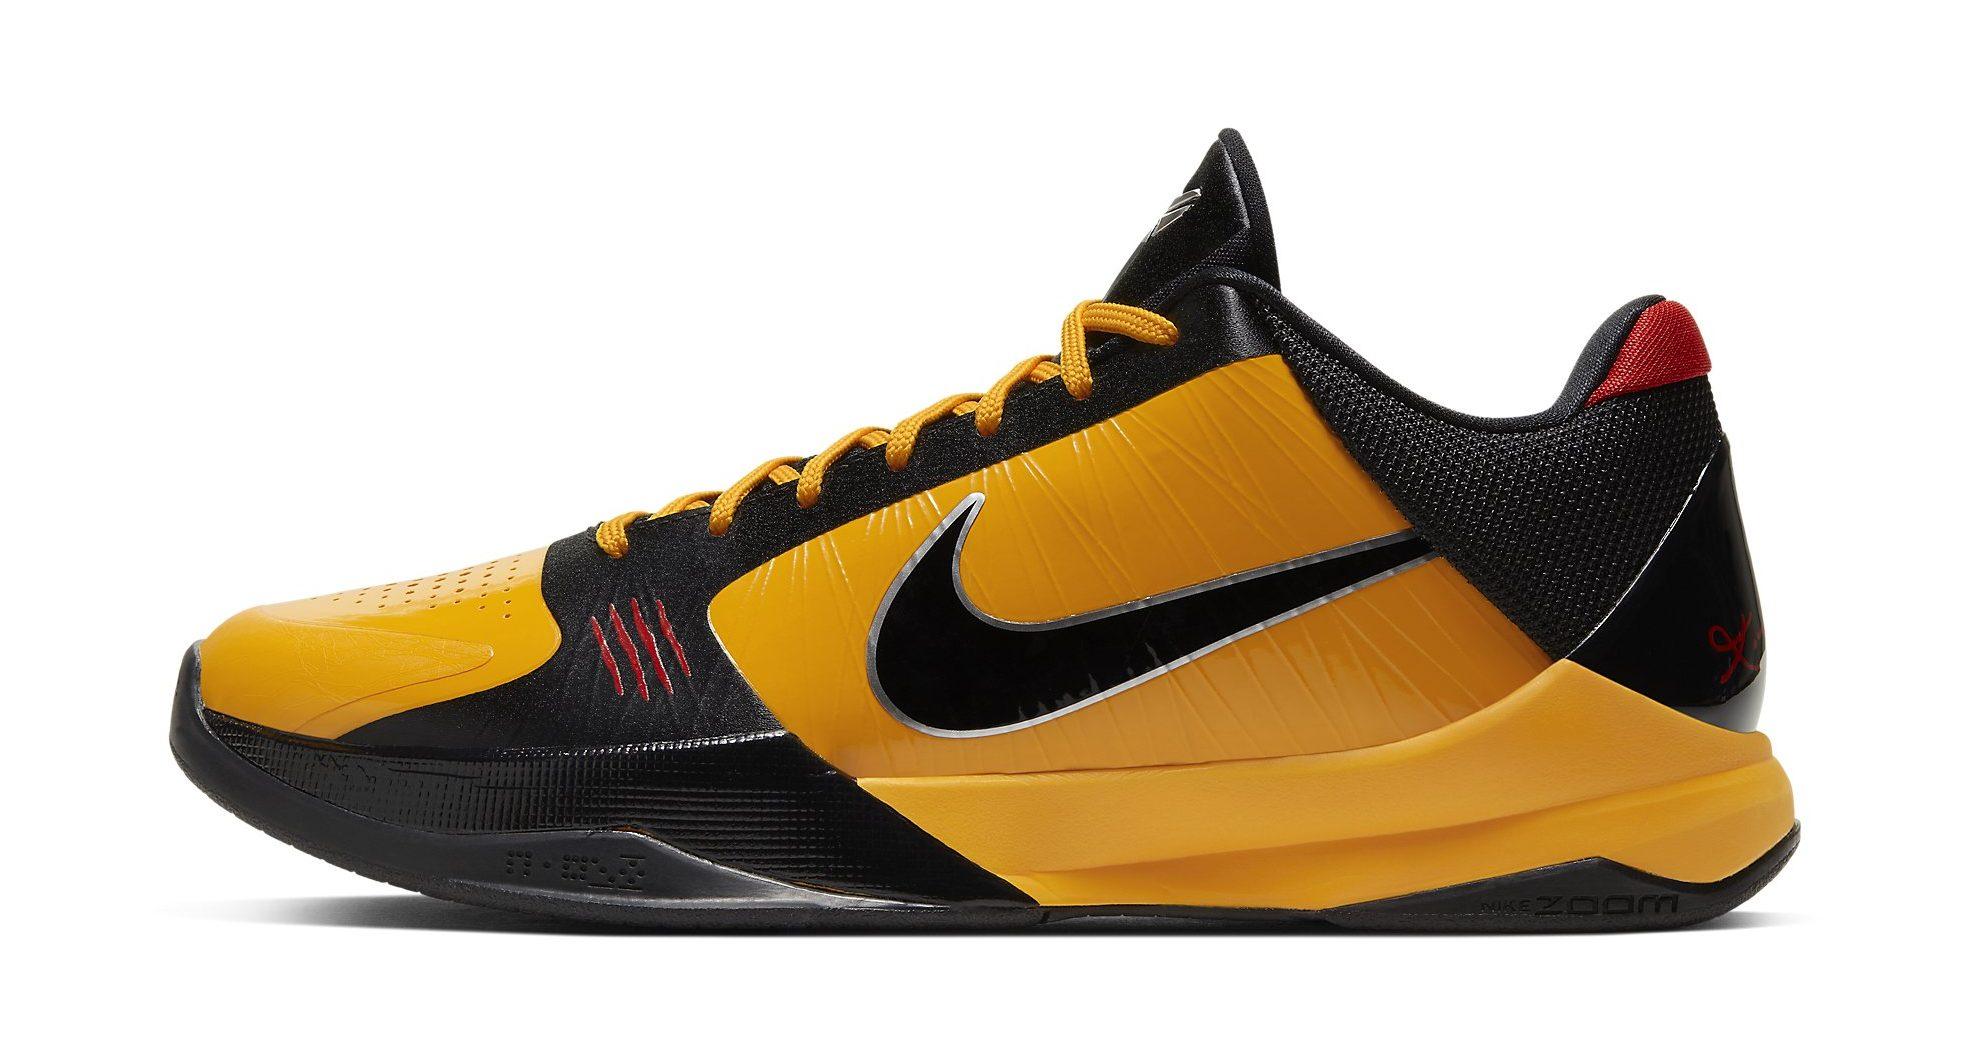 Nike Kobe 5 Protro 'Bruce Lee' Detailed